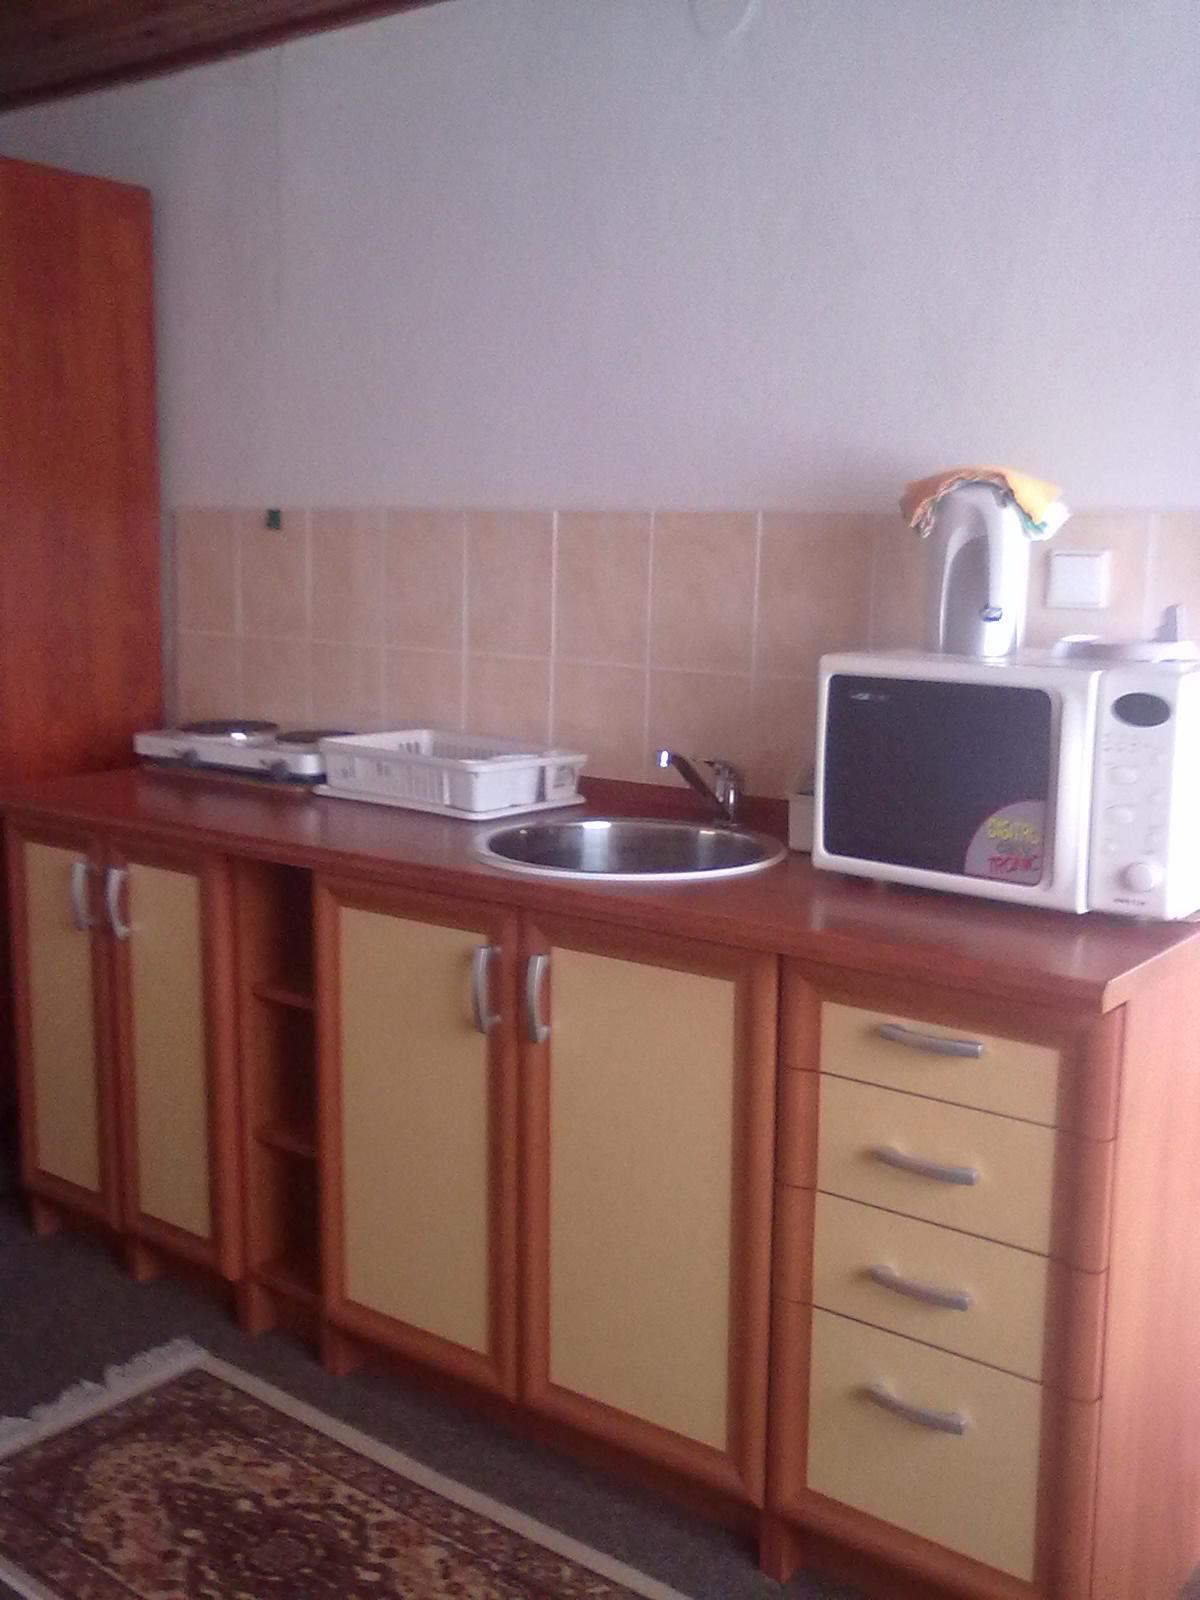 Apartmán 2 lůžka (přízemí) - kuchyňka